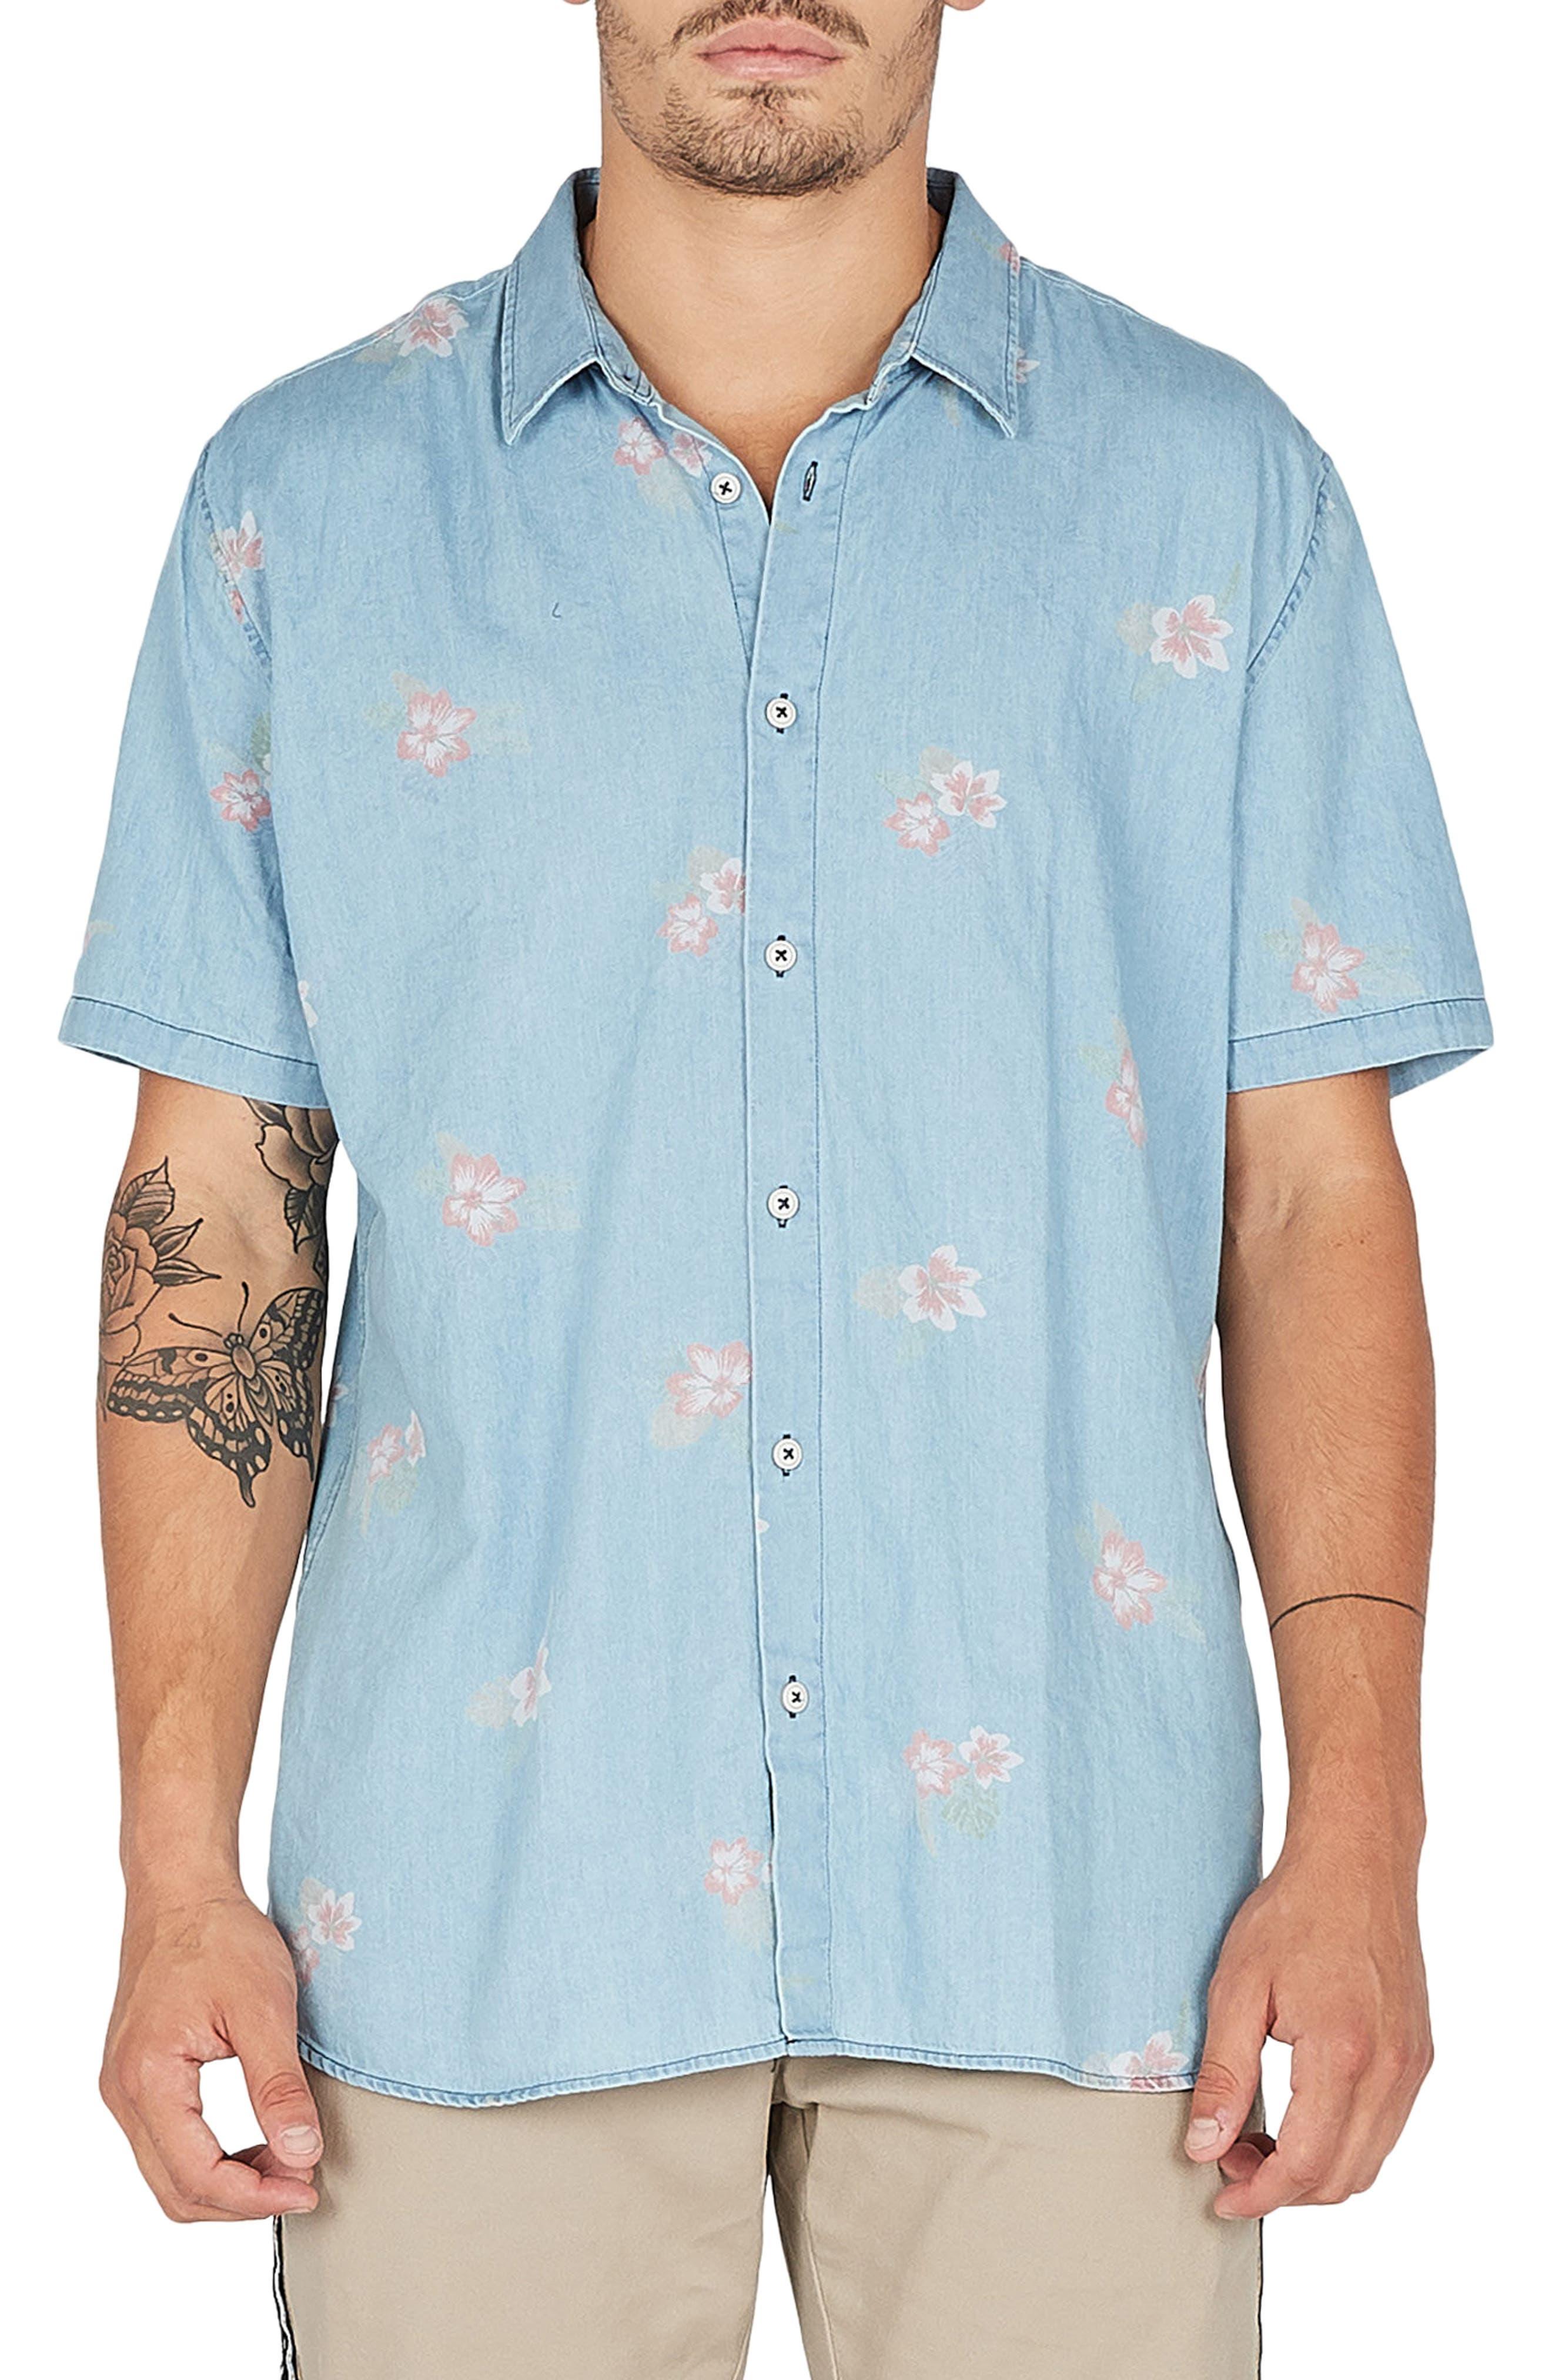 Holiday Woven Shirt,                             Main thumbnail 1, color,                             435